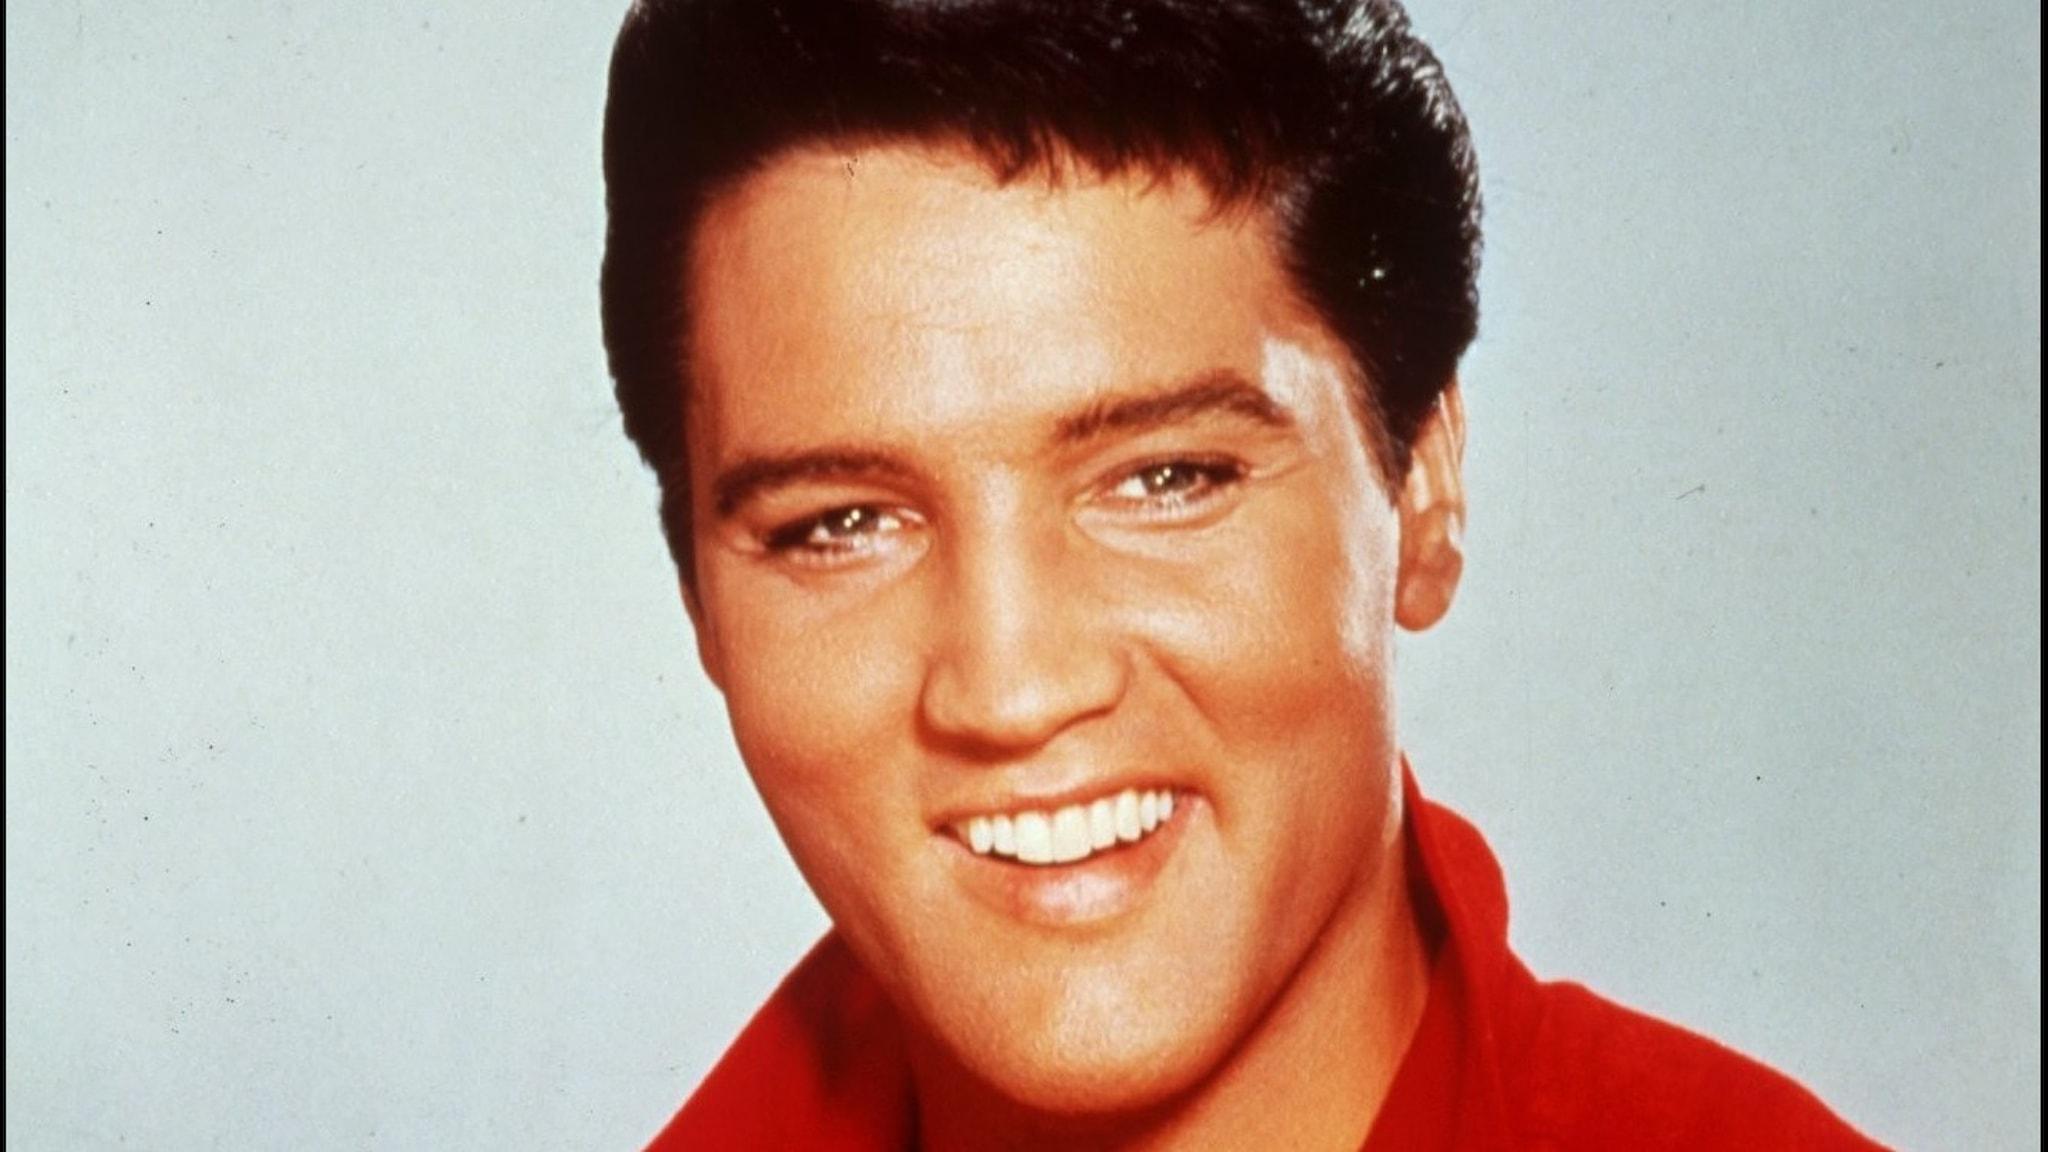 Ett porträtt på Elvis Presley med brett leende.